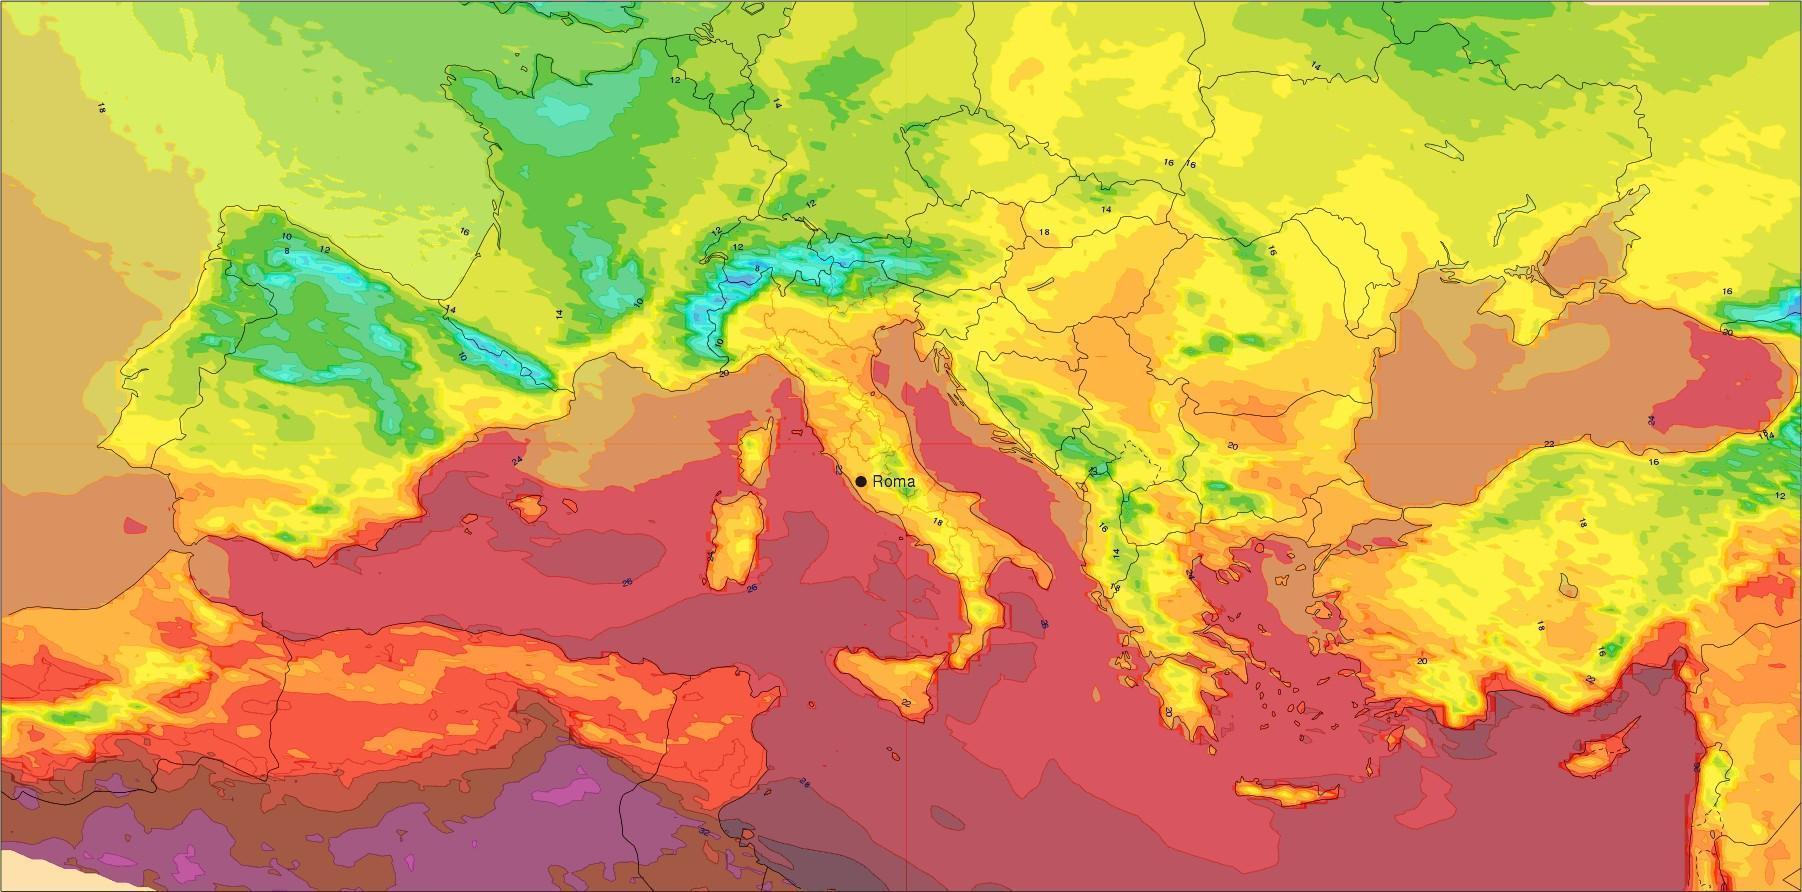 Σημαντική μεταβολή του καιρού στην Ευρώπη!